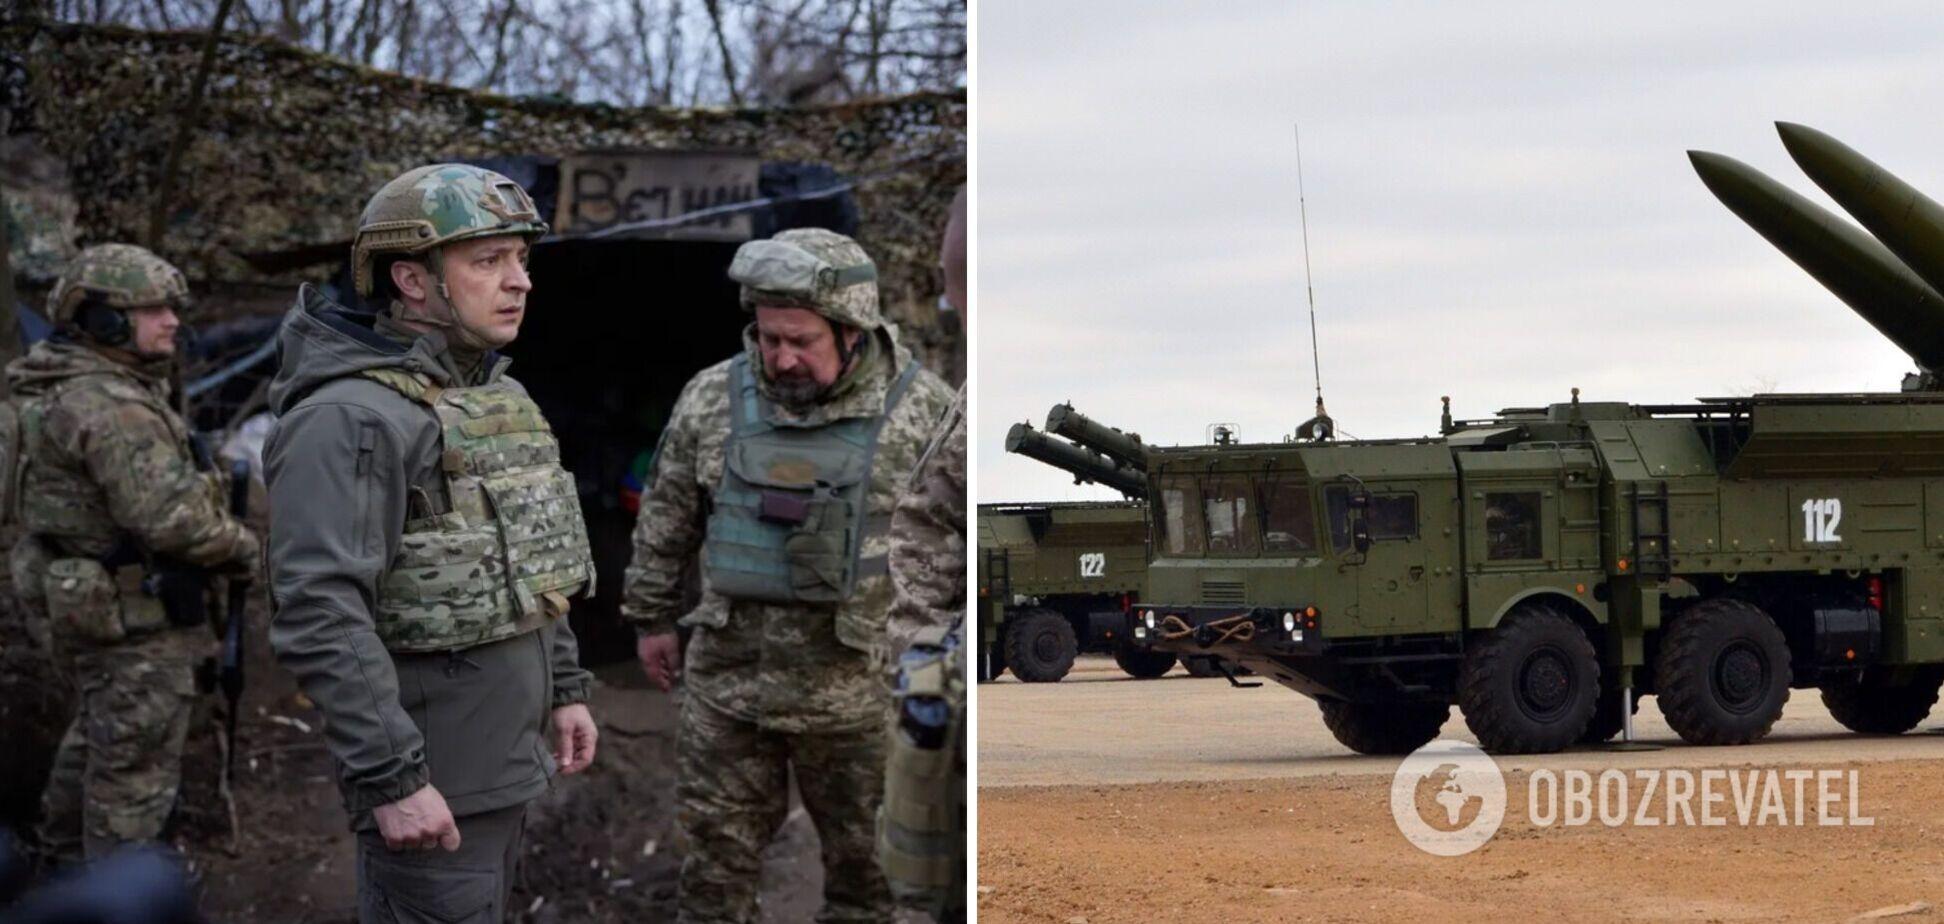 Новини України: Зеленський відвідав Донбас, а Росія стягнула до кордону України ракетні комплекси